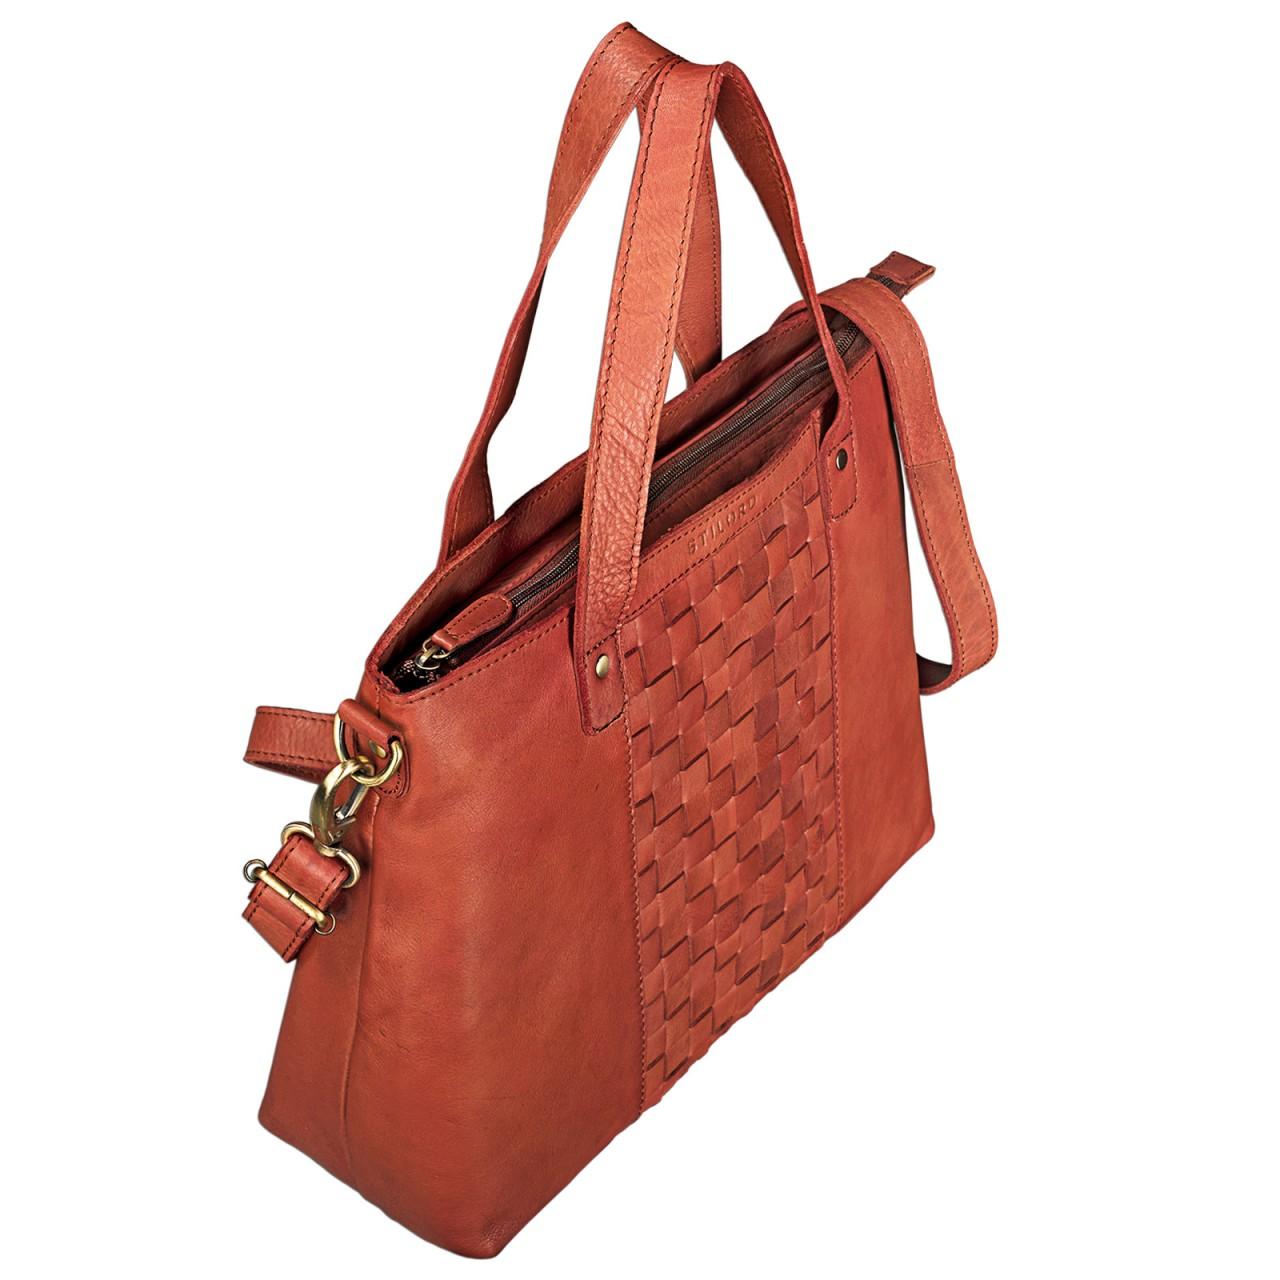 """STILORD """"Mara"""" Elegante Handtasche geflochtenes Leder mit abnehmbaren Schulterriemen Abendtasche Ausgehtasche Echtleder - Bild 14"""